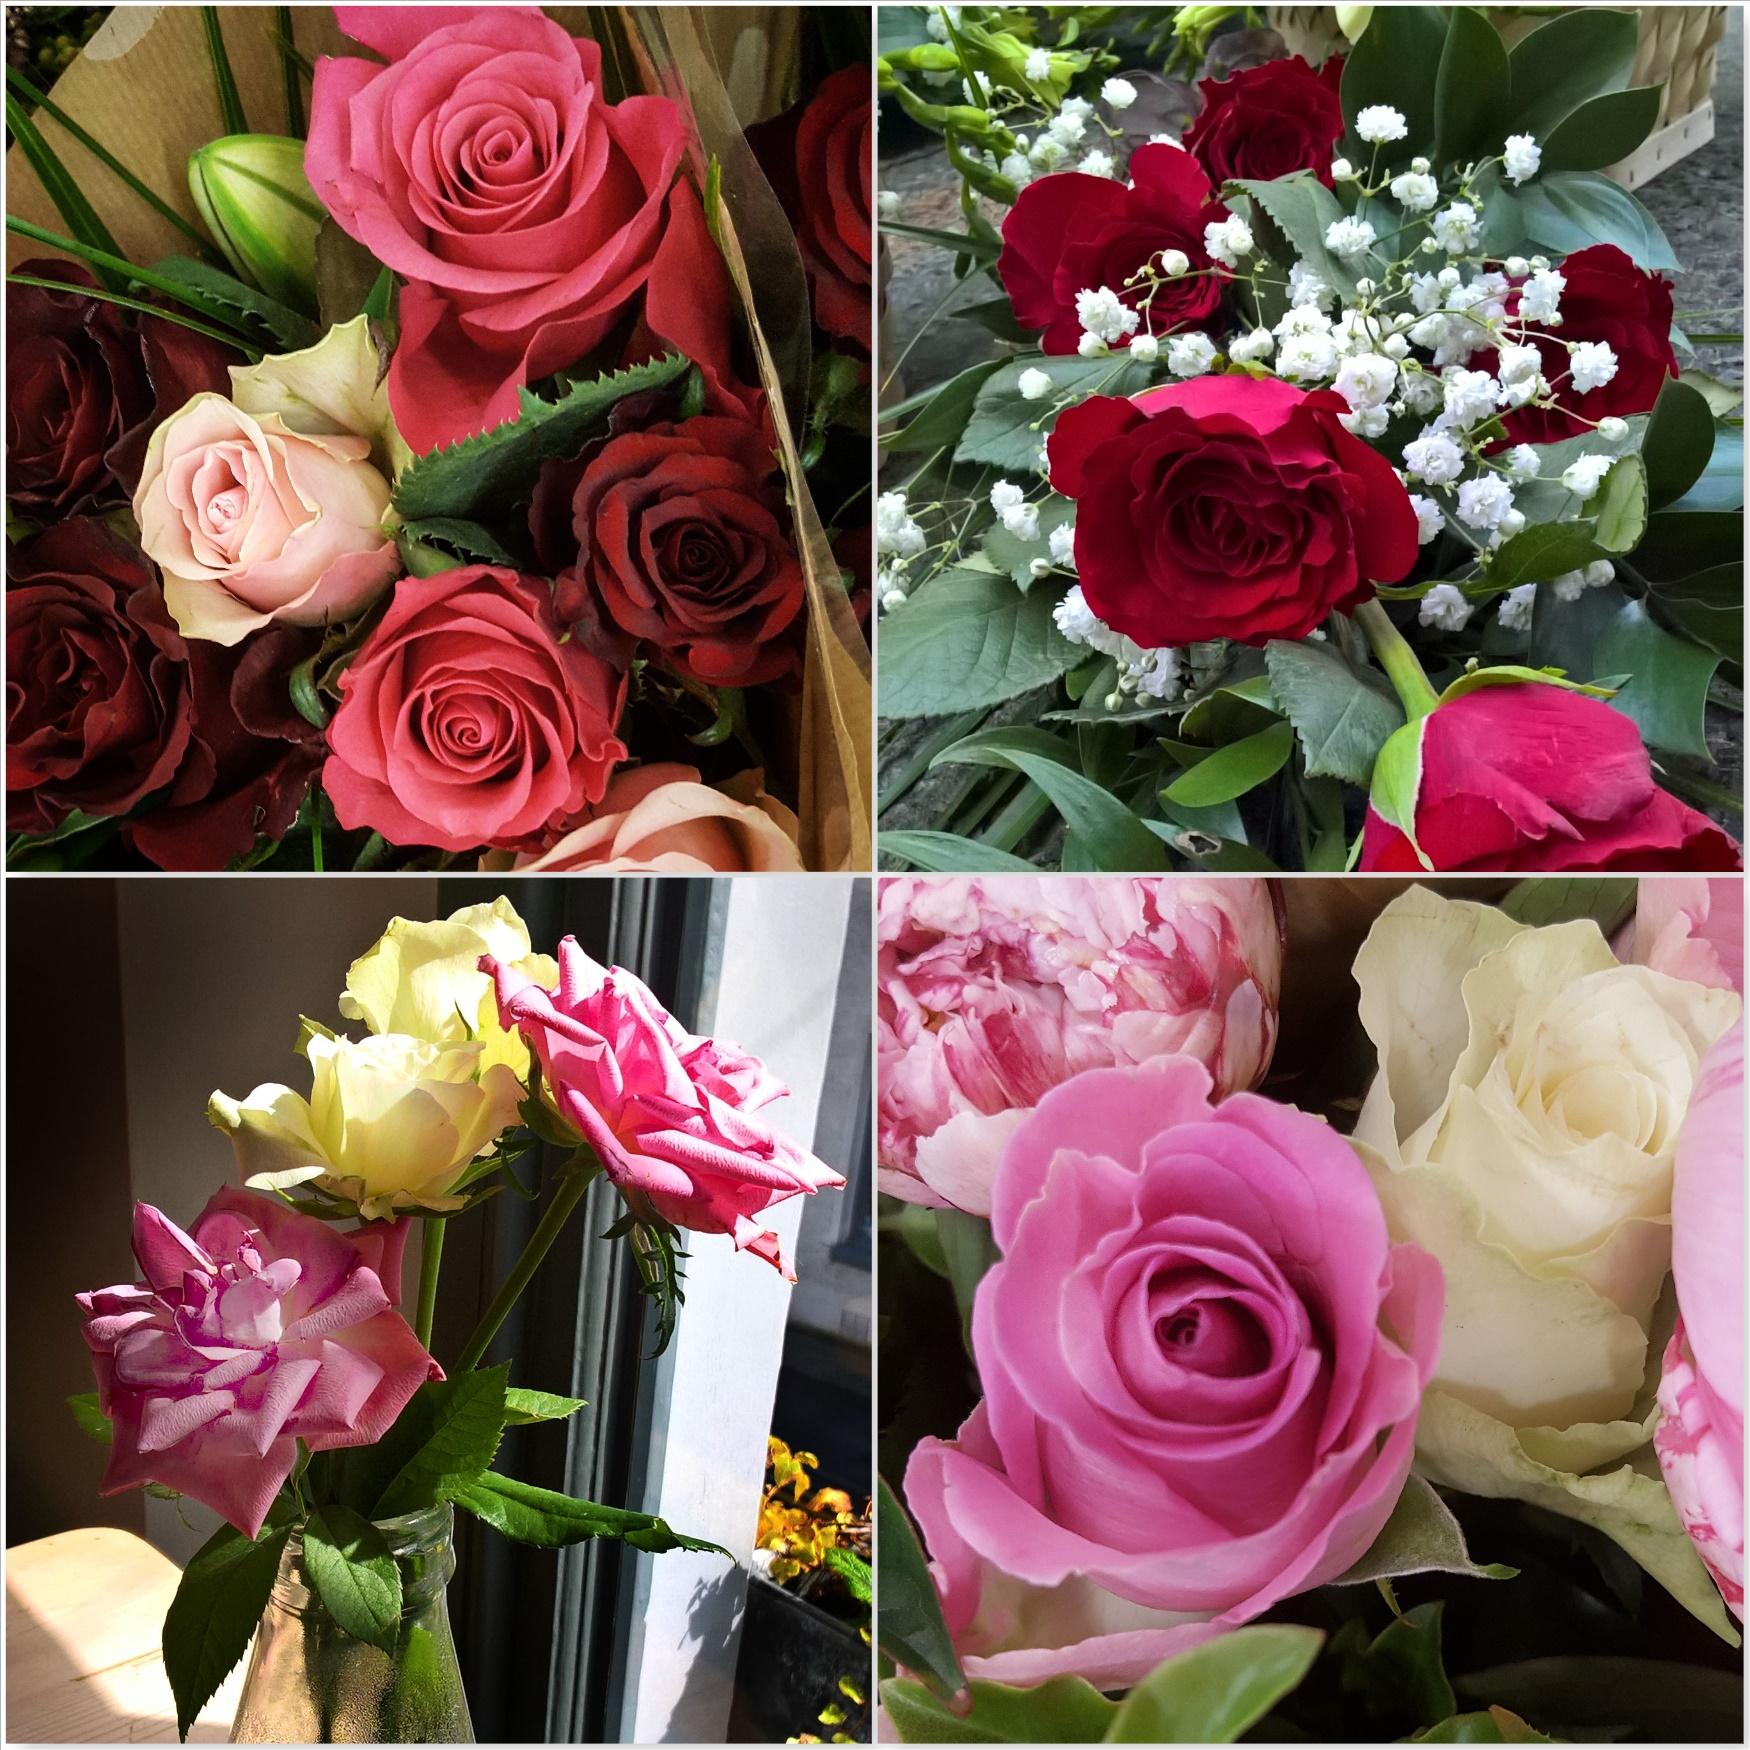 Roses-The-Last-Krystallos